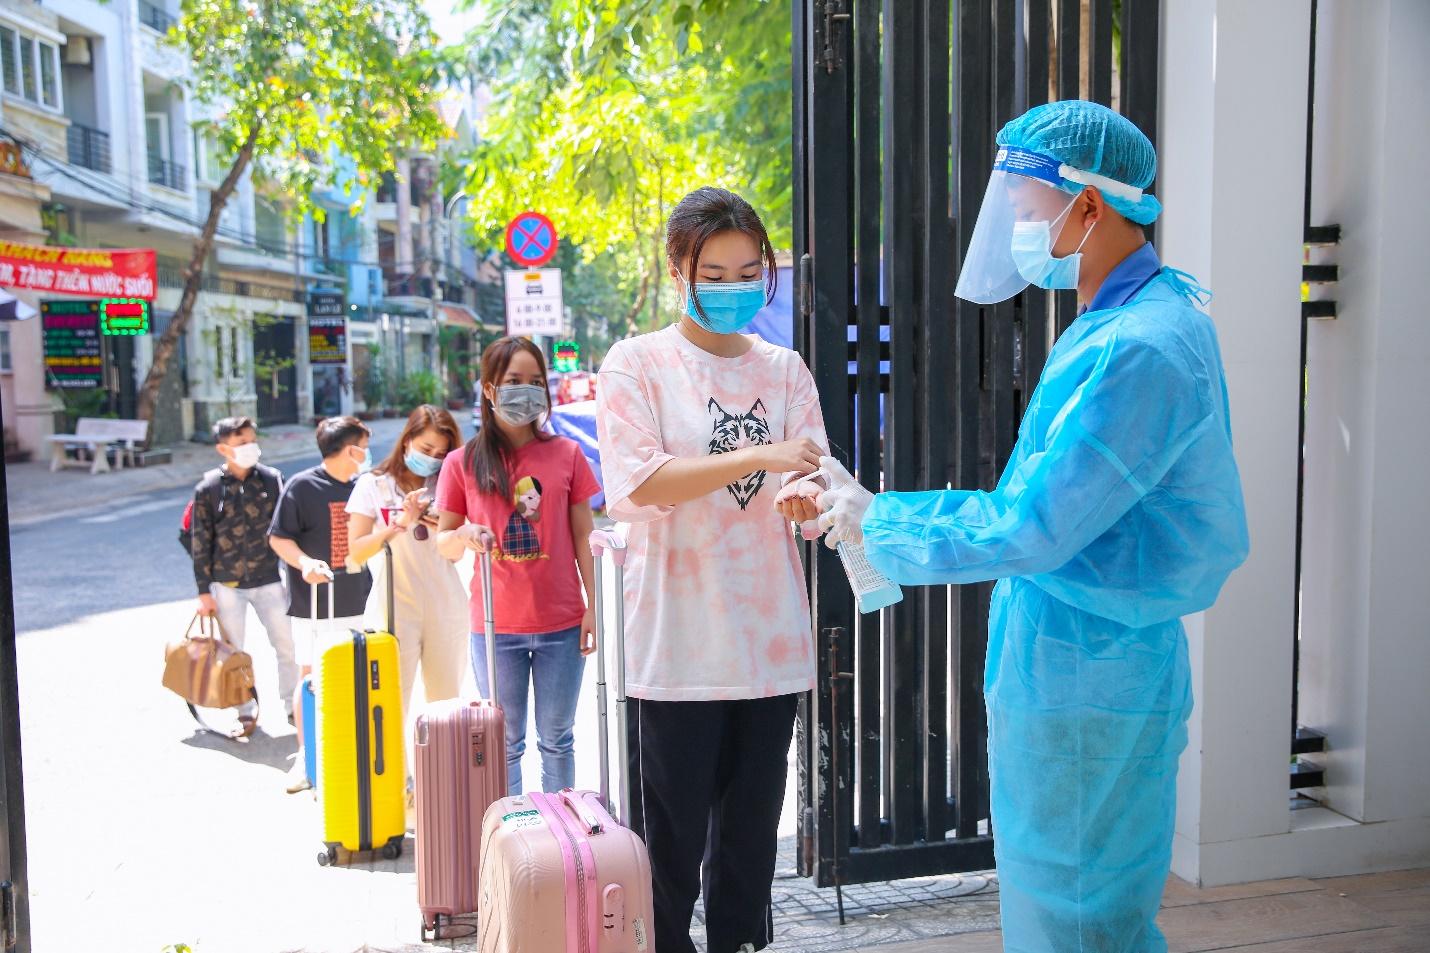 Thẩm mỹ viện Ngọc Dung tự chủ động cách ly tập trung nhân viên sau nghỉ Tết - 4